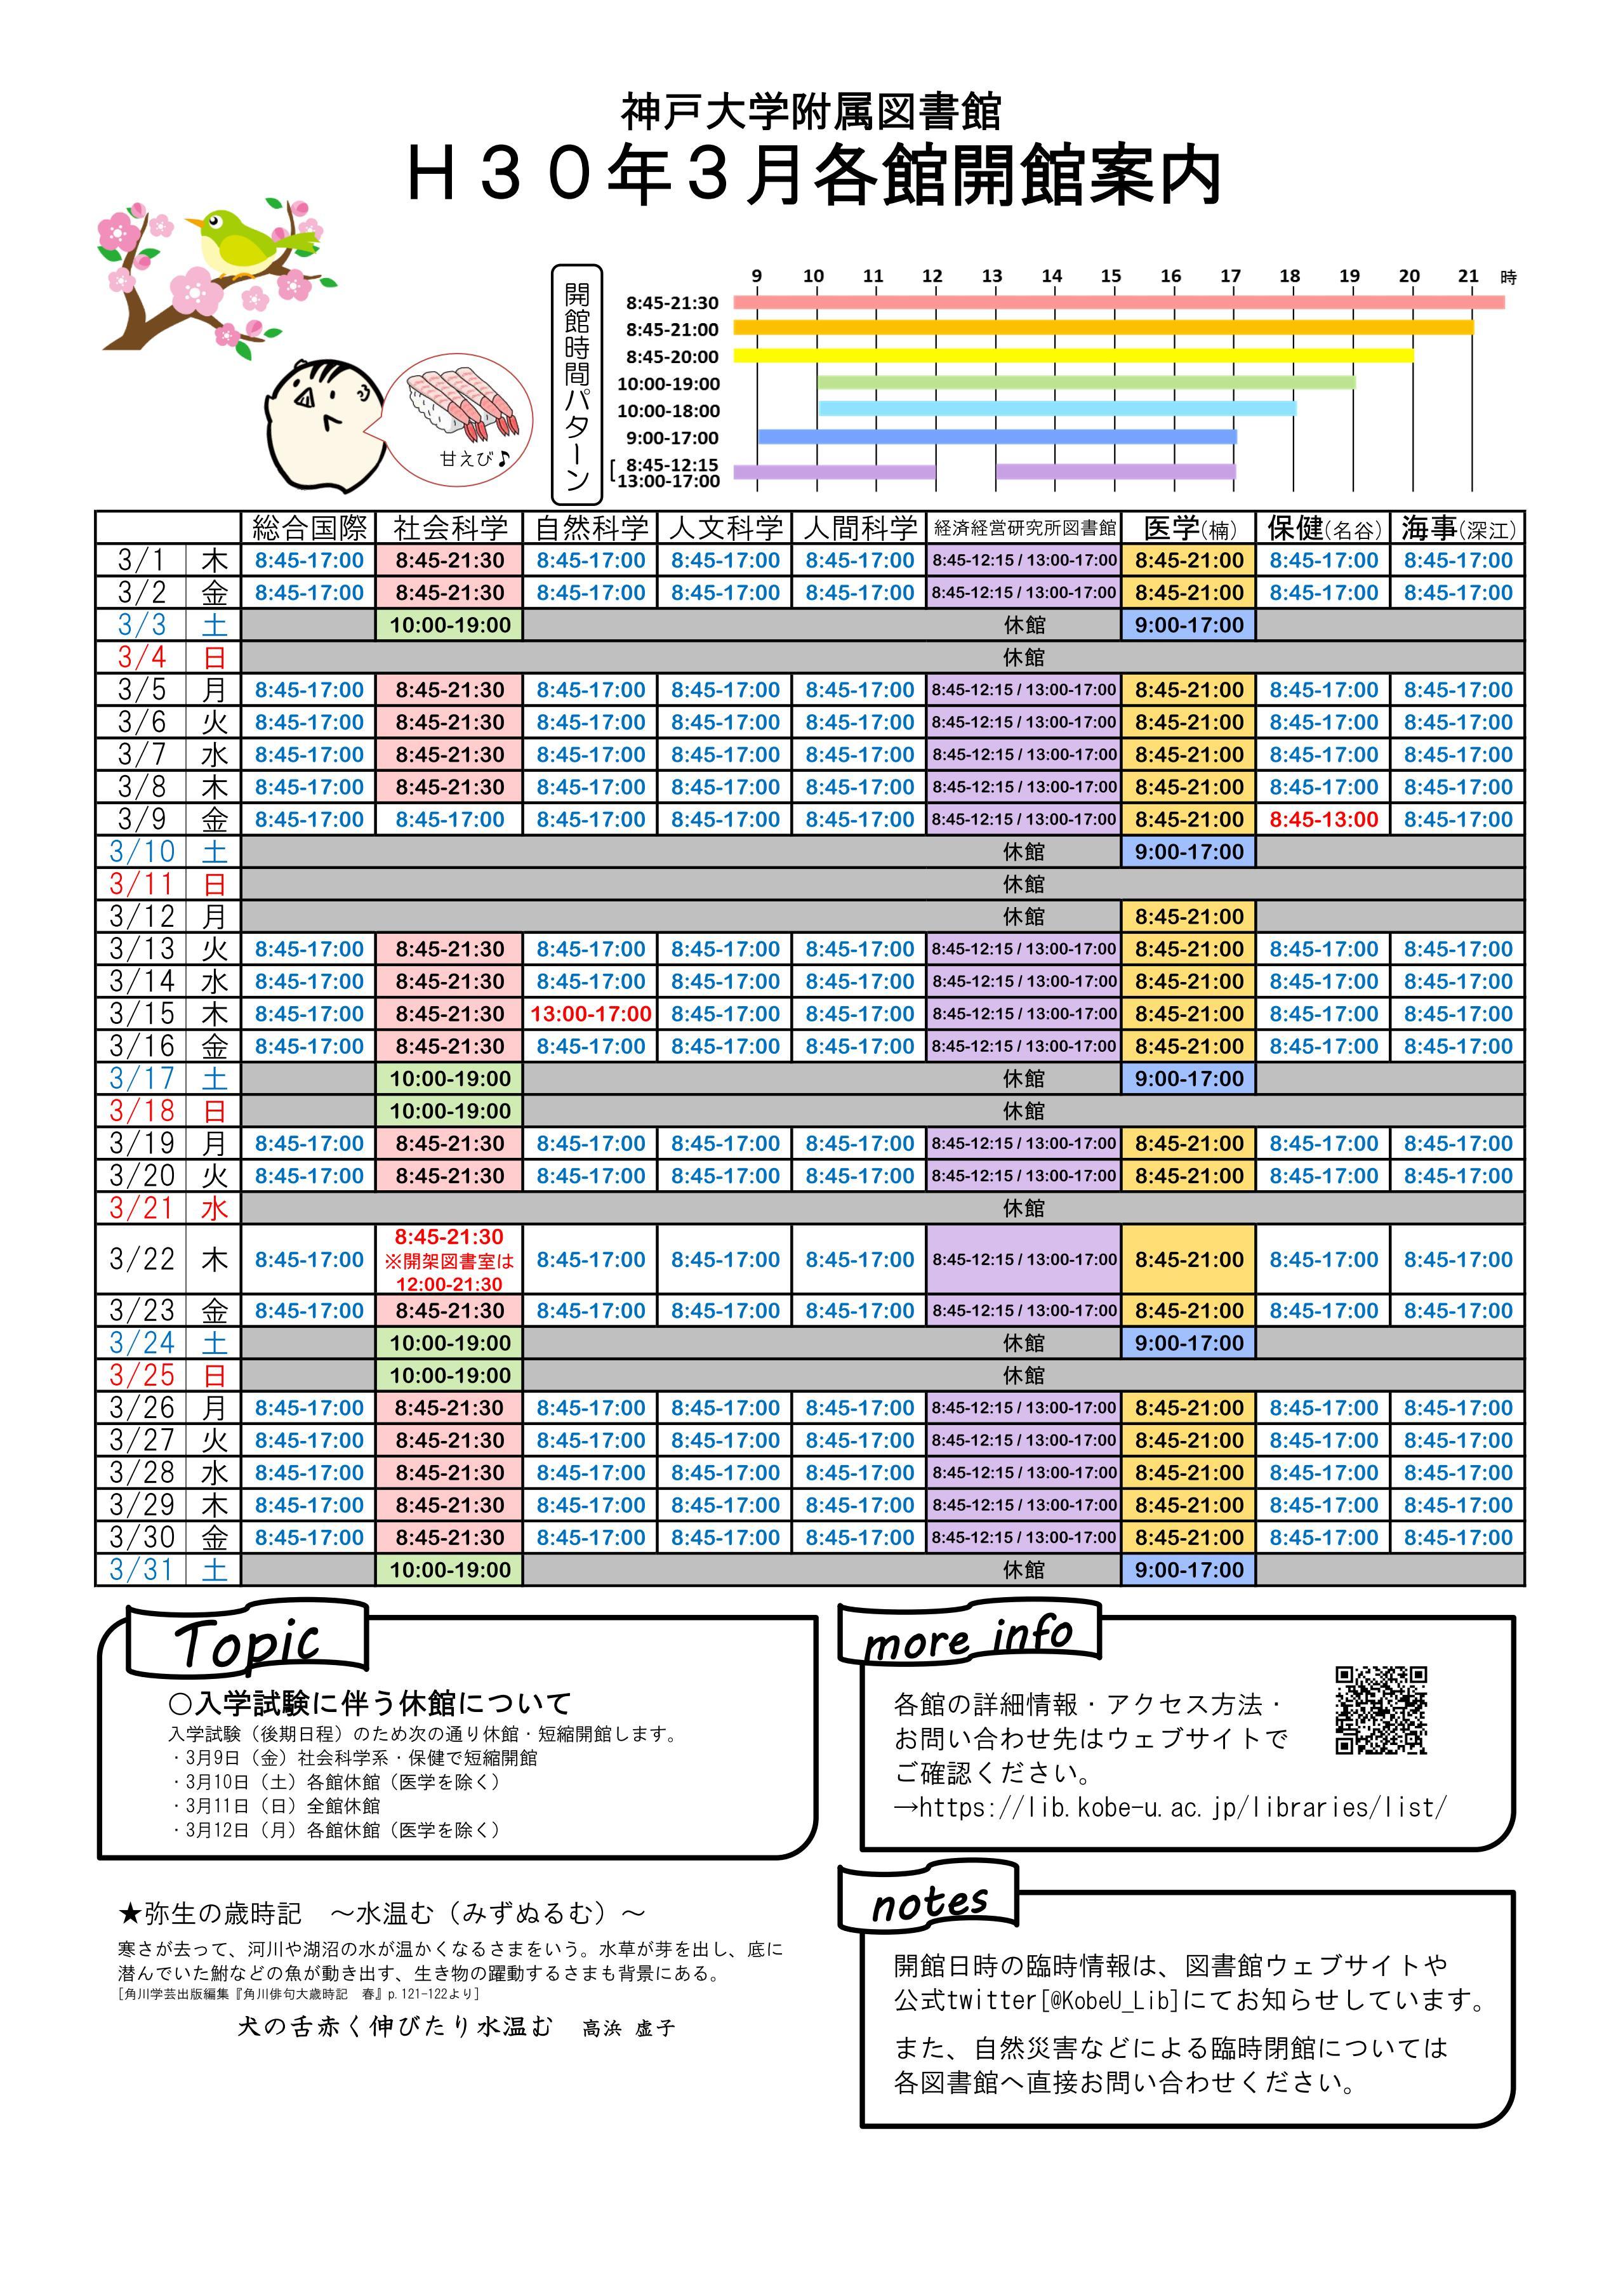 平成30年3月図書館各館開館案内カレンダー